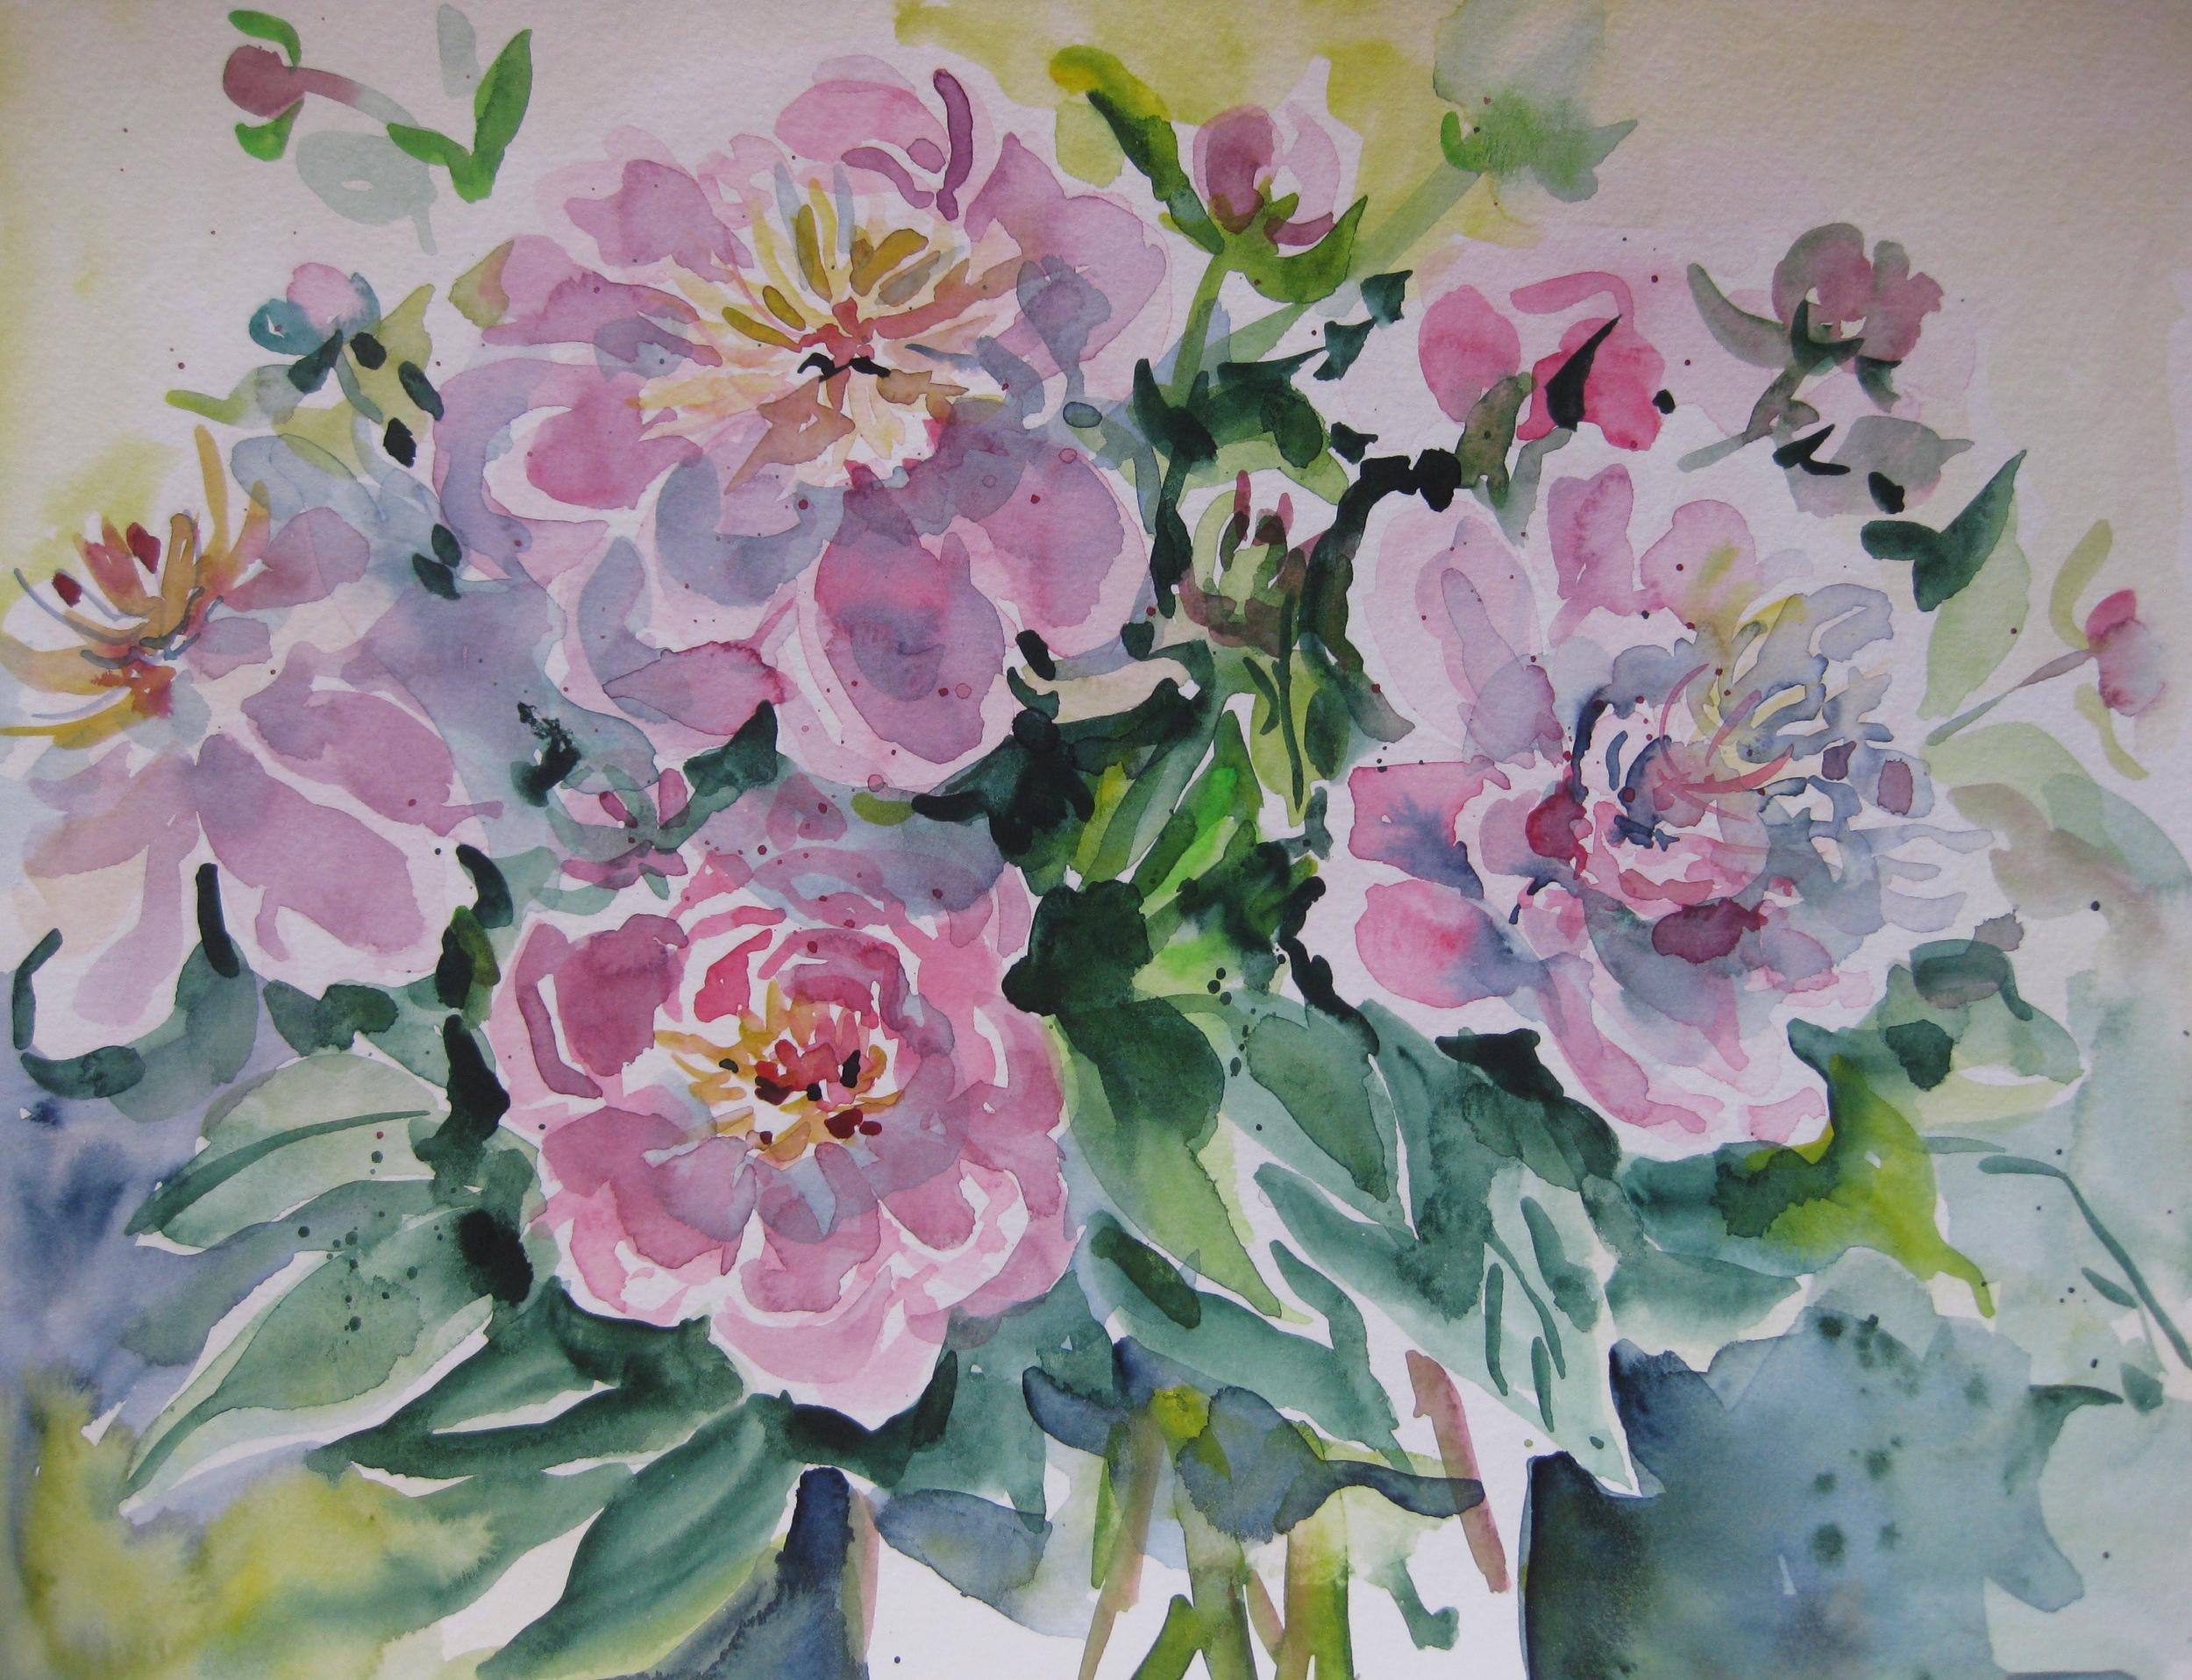 Watercolor Study II